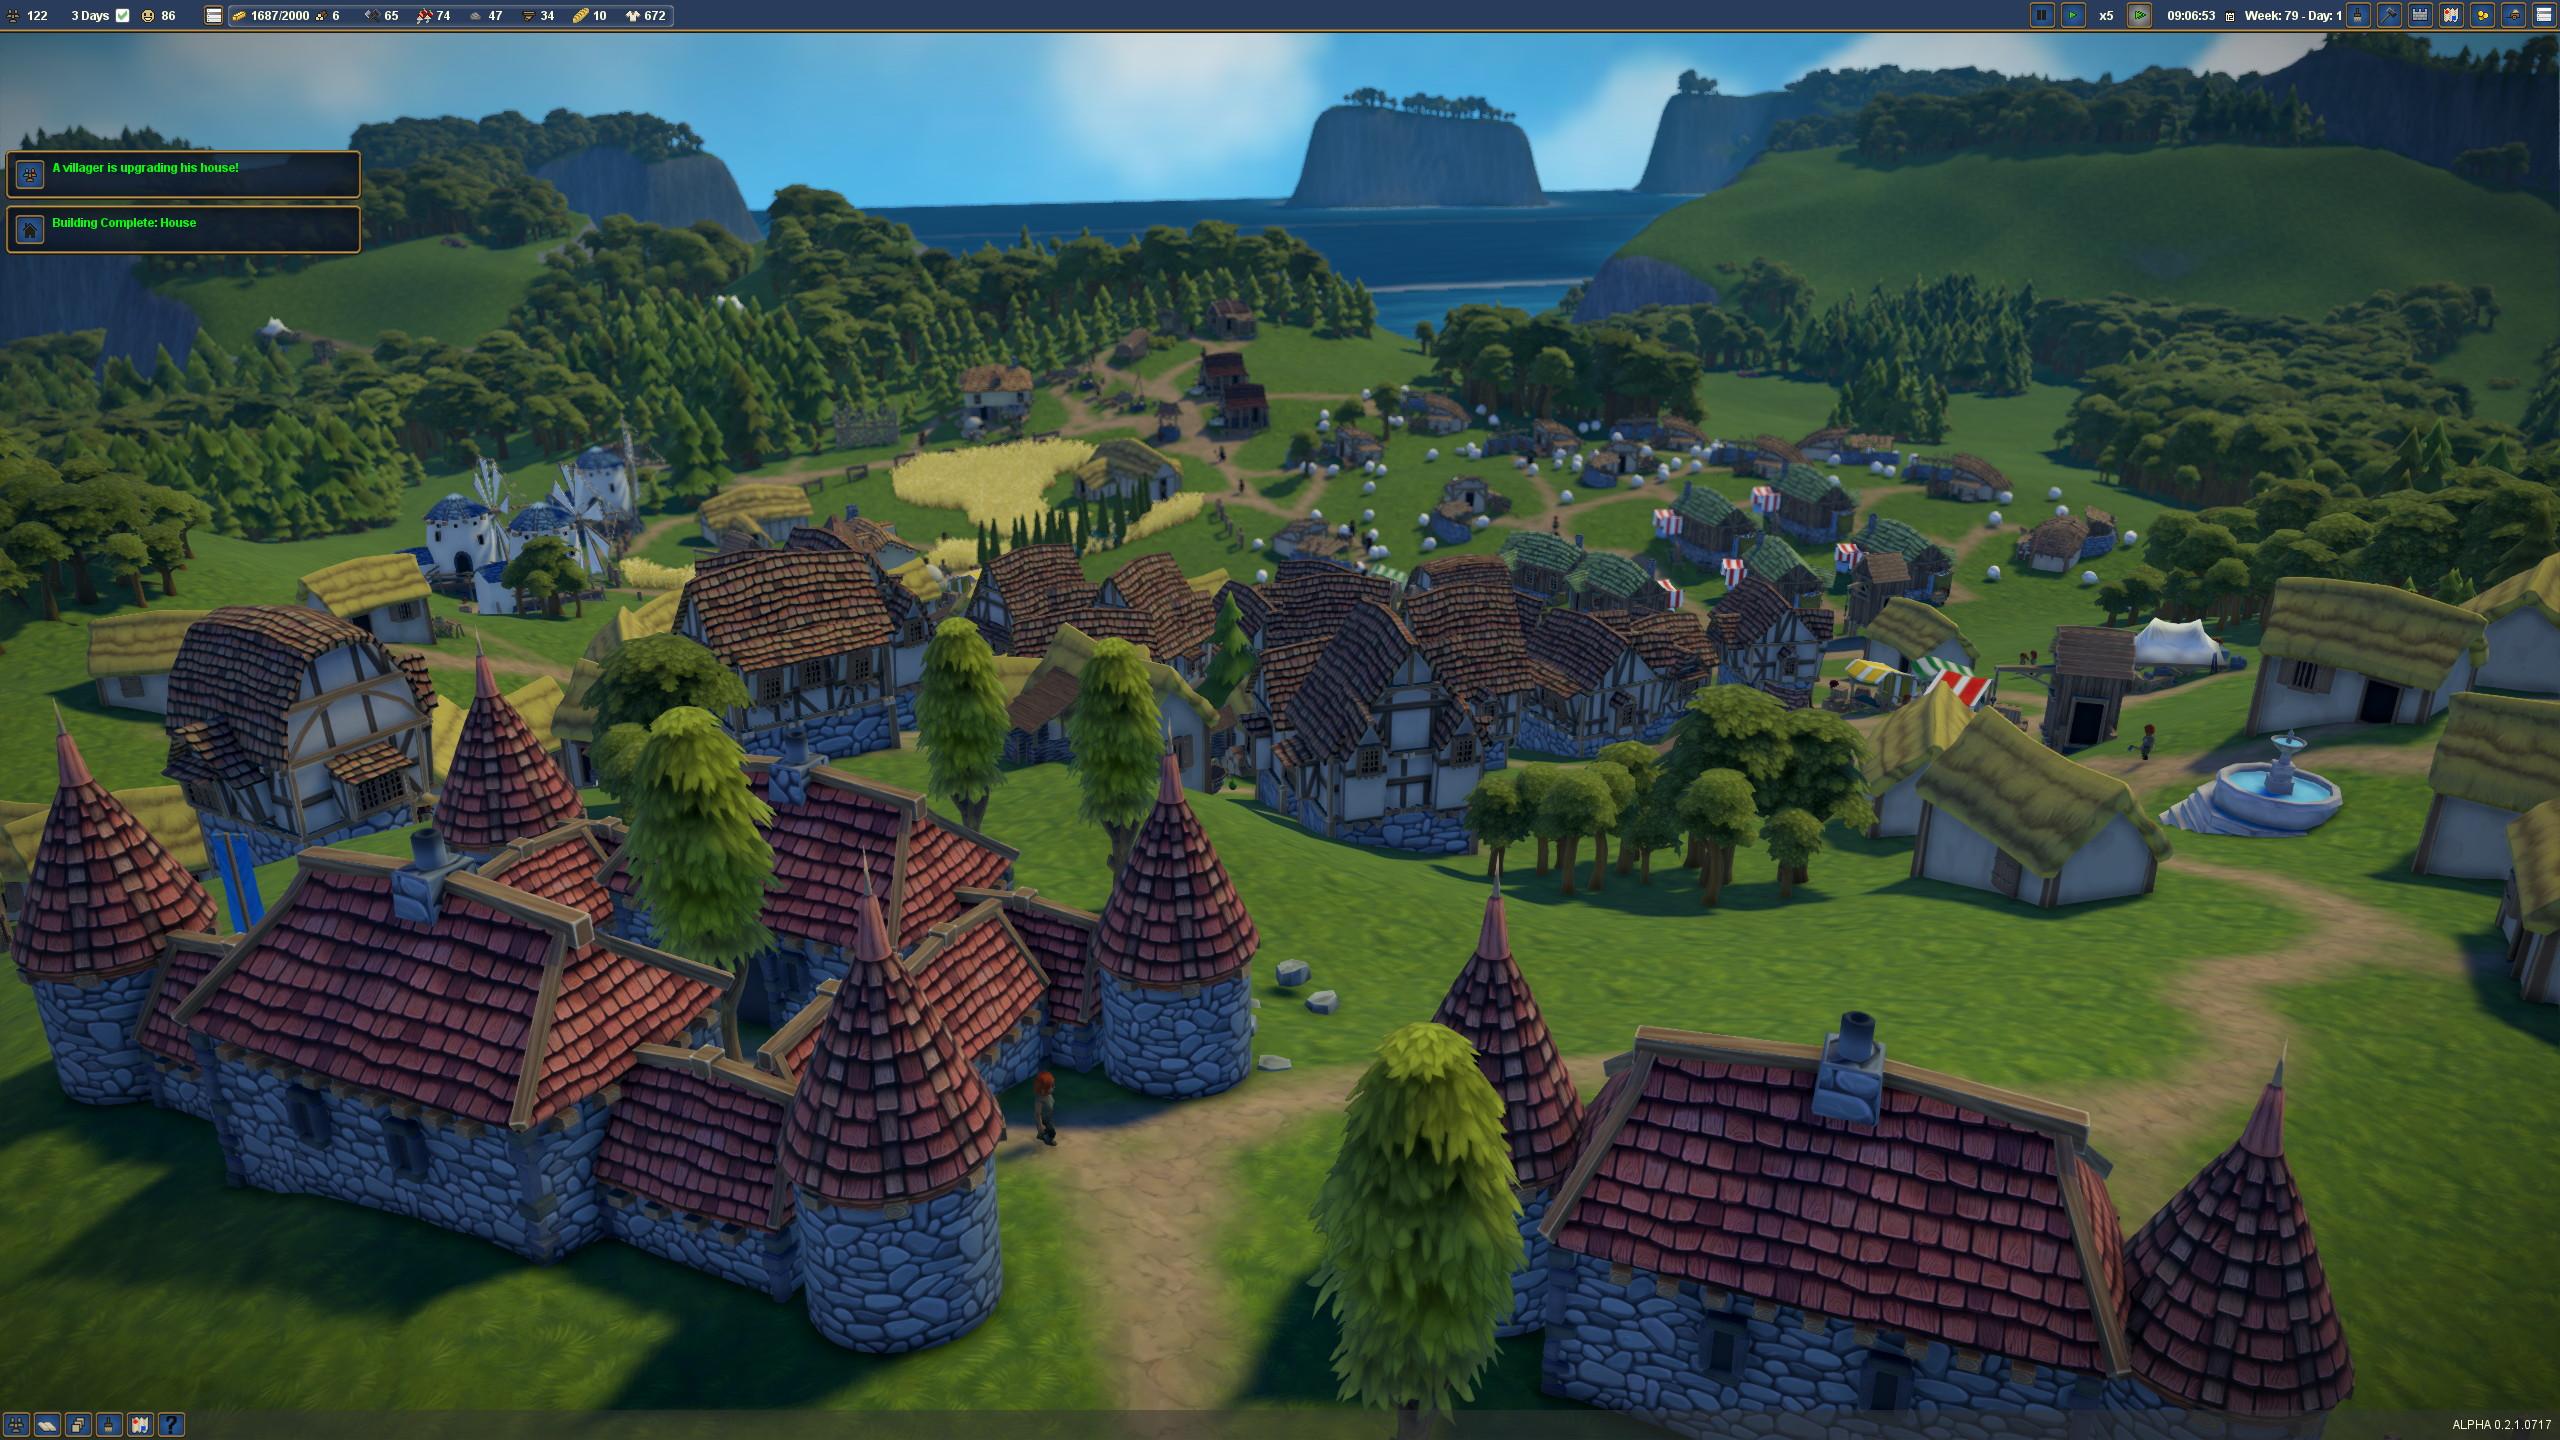 Perché sur la colline où j'ai bâti mon château personnel, j'aime admirer en contrebas les gueux qui travaillent aux champs. On dira ce qu'on veut du féodalisme, ça avait quand même de bons côtés.